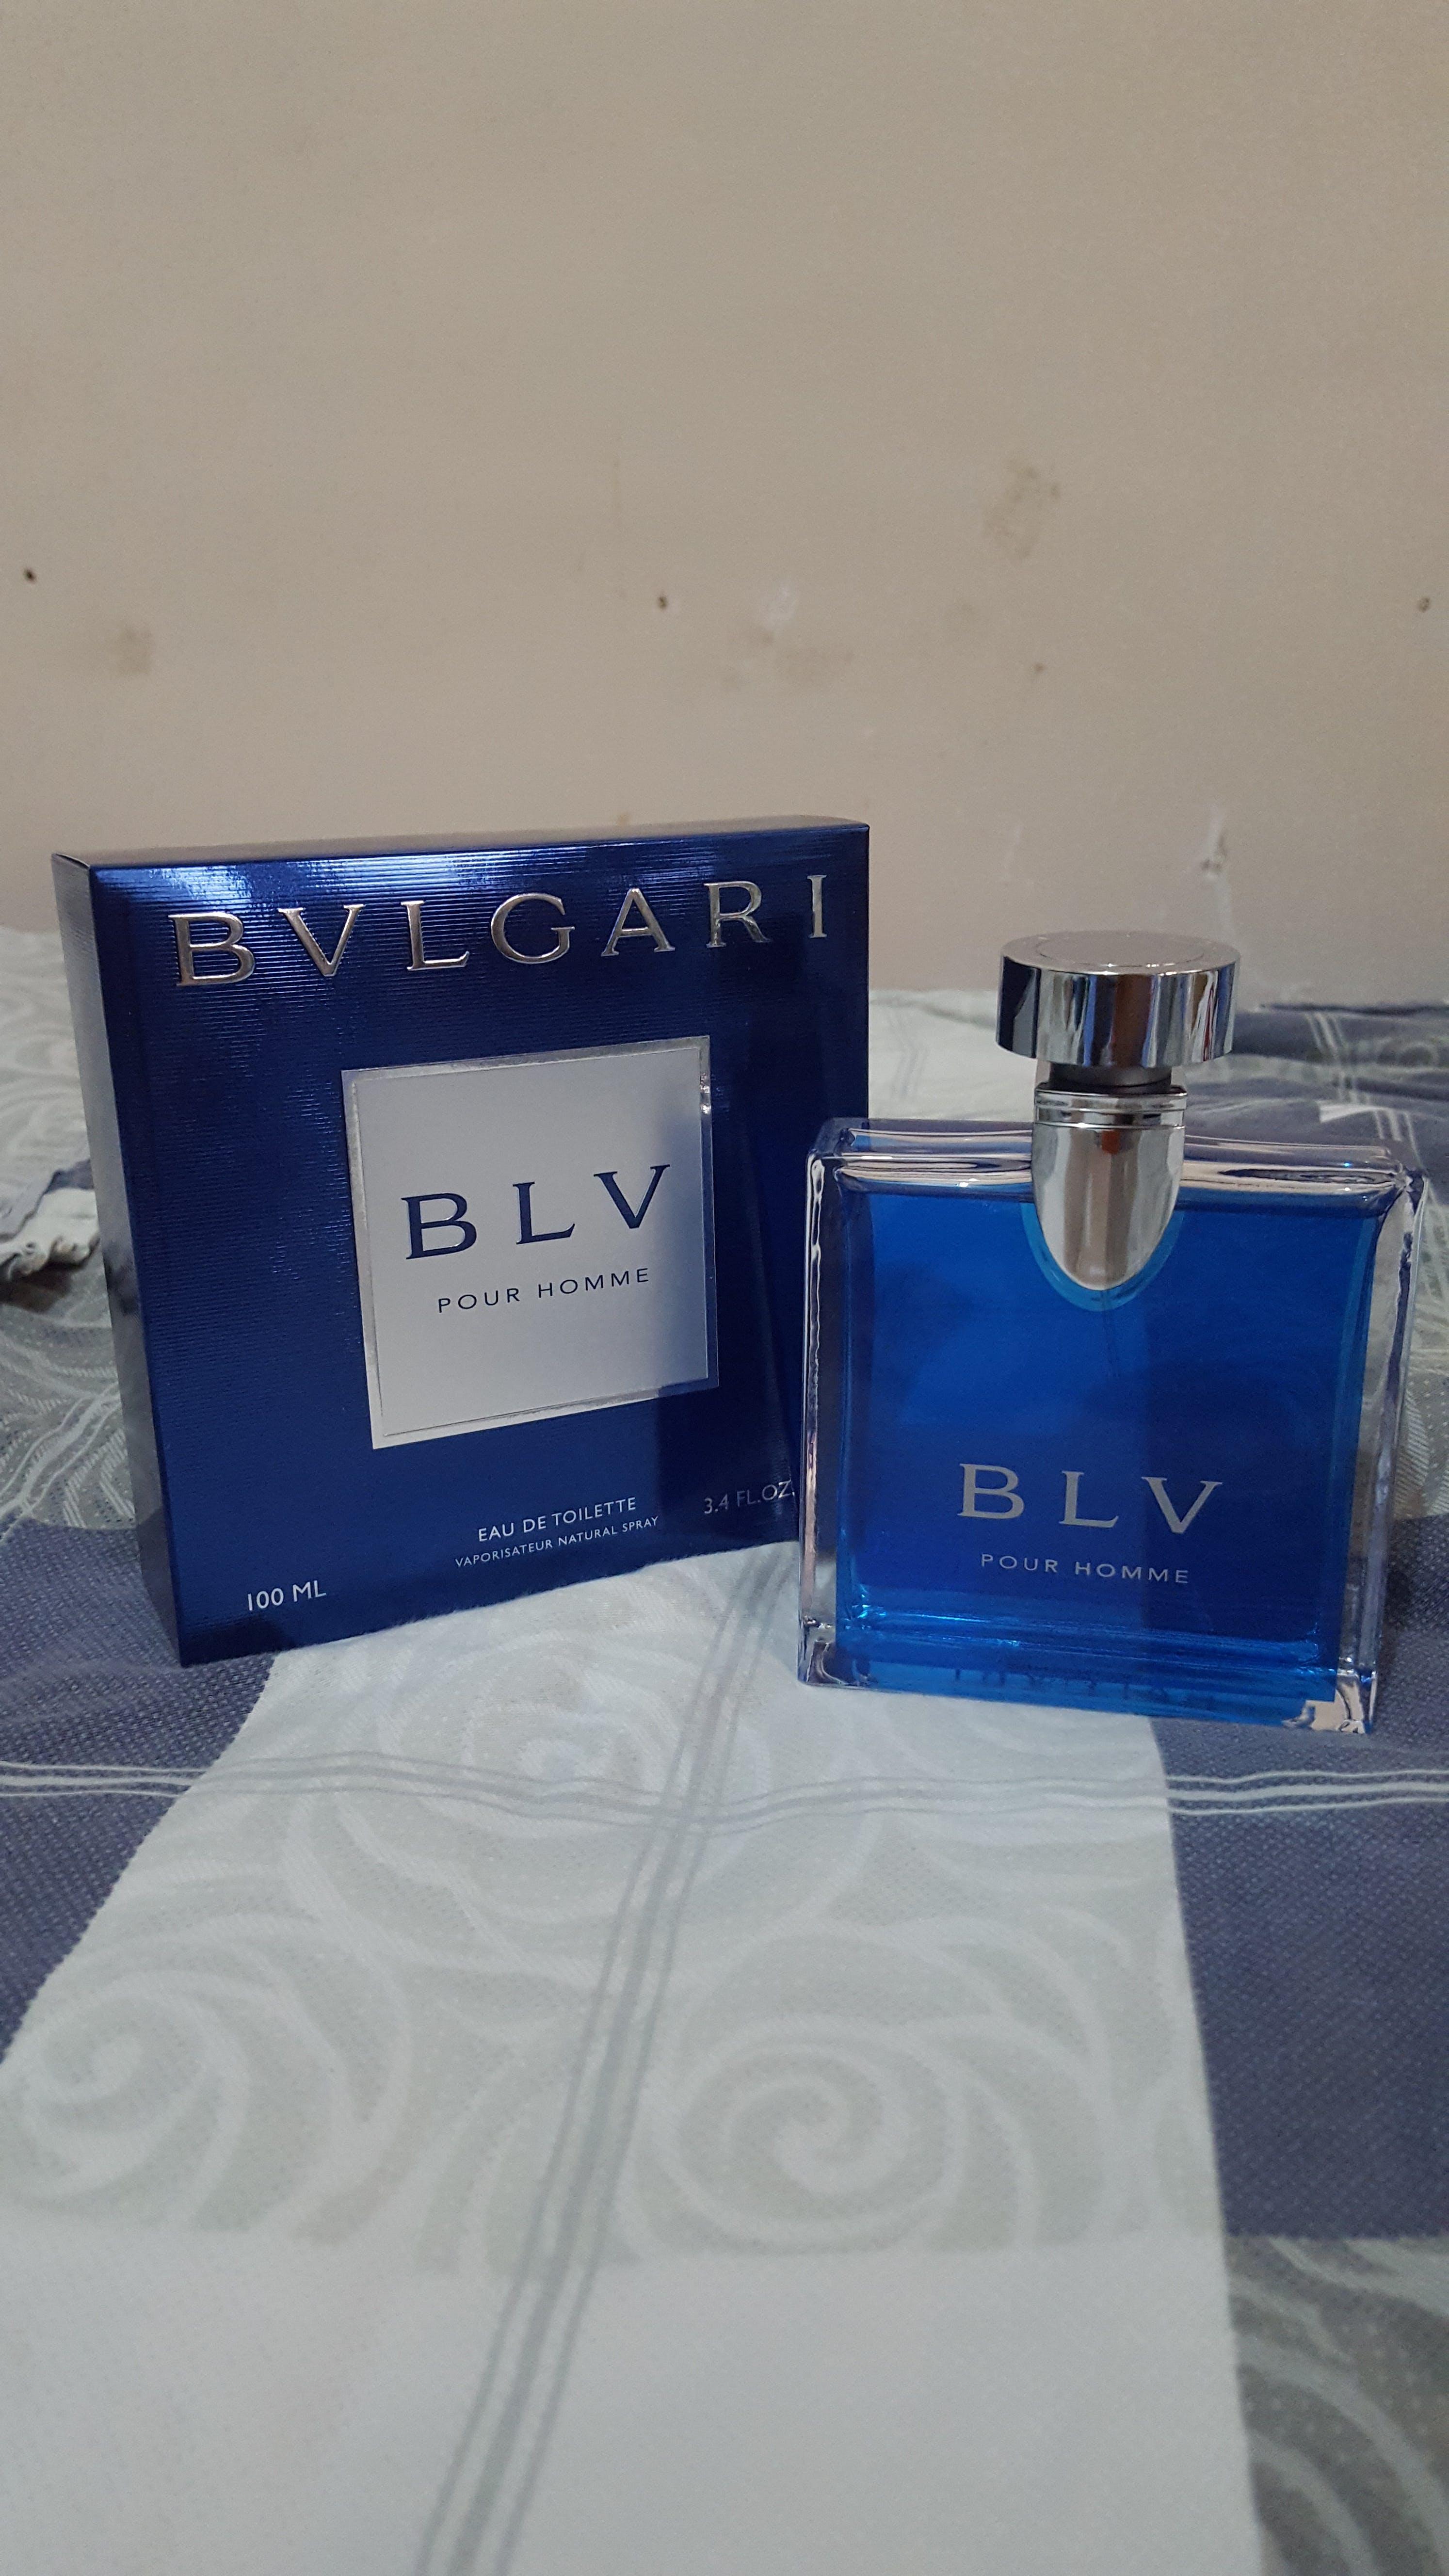 Bvlgari Blv 100ml Perfume Philippines Perfume Philippines